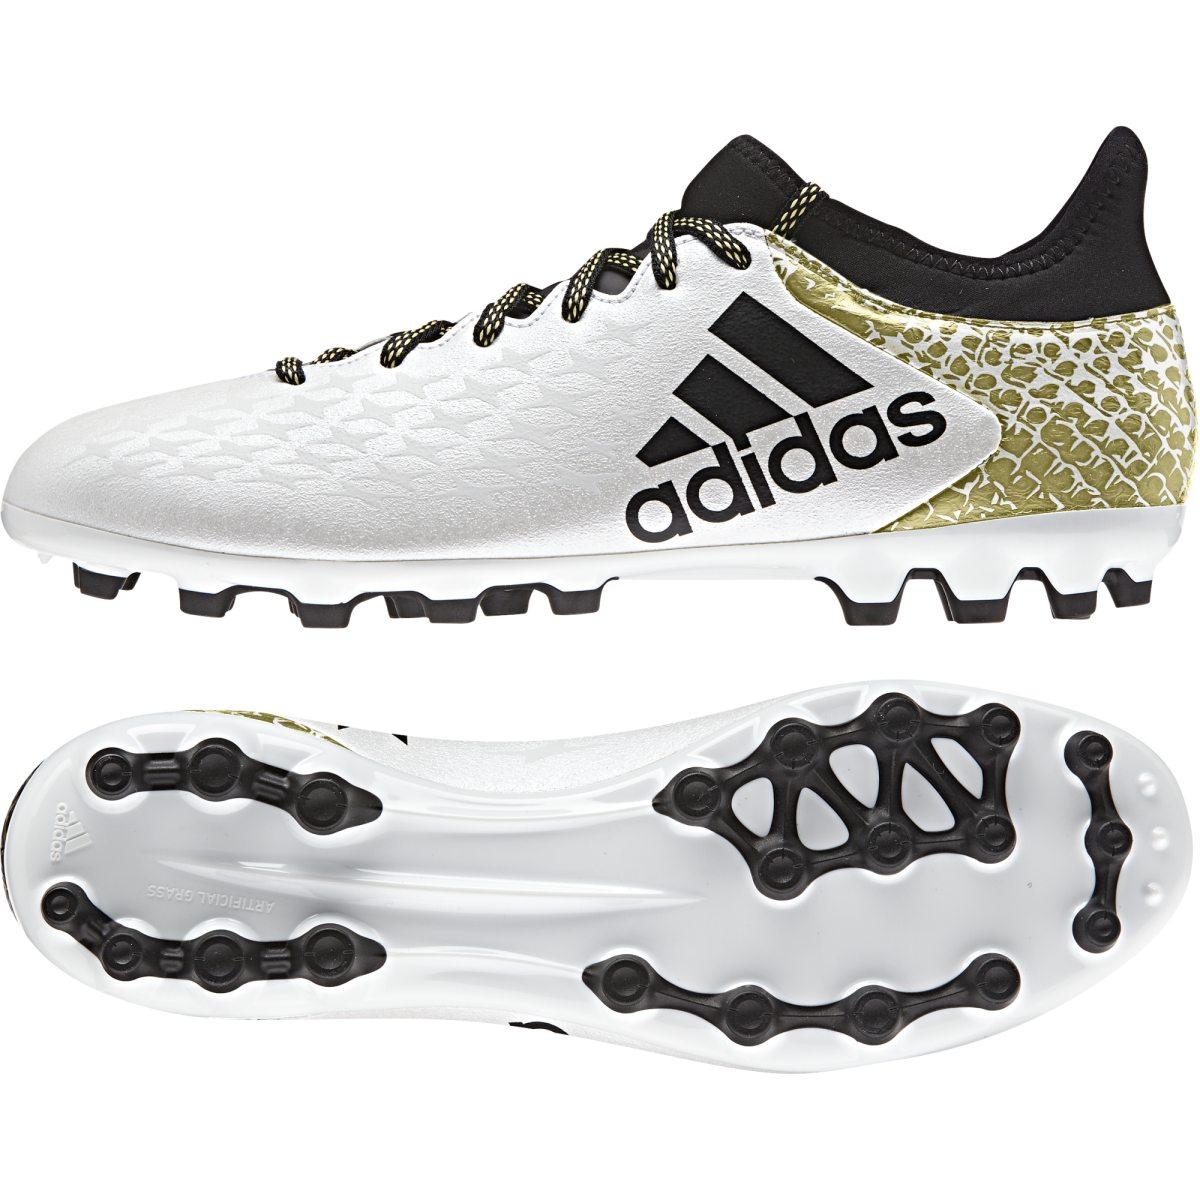 purchase cheap f1683 992cf adidas x 16.3 ag fotbollssko senior fotbollsskor